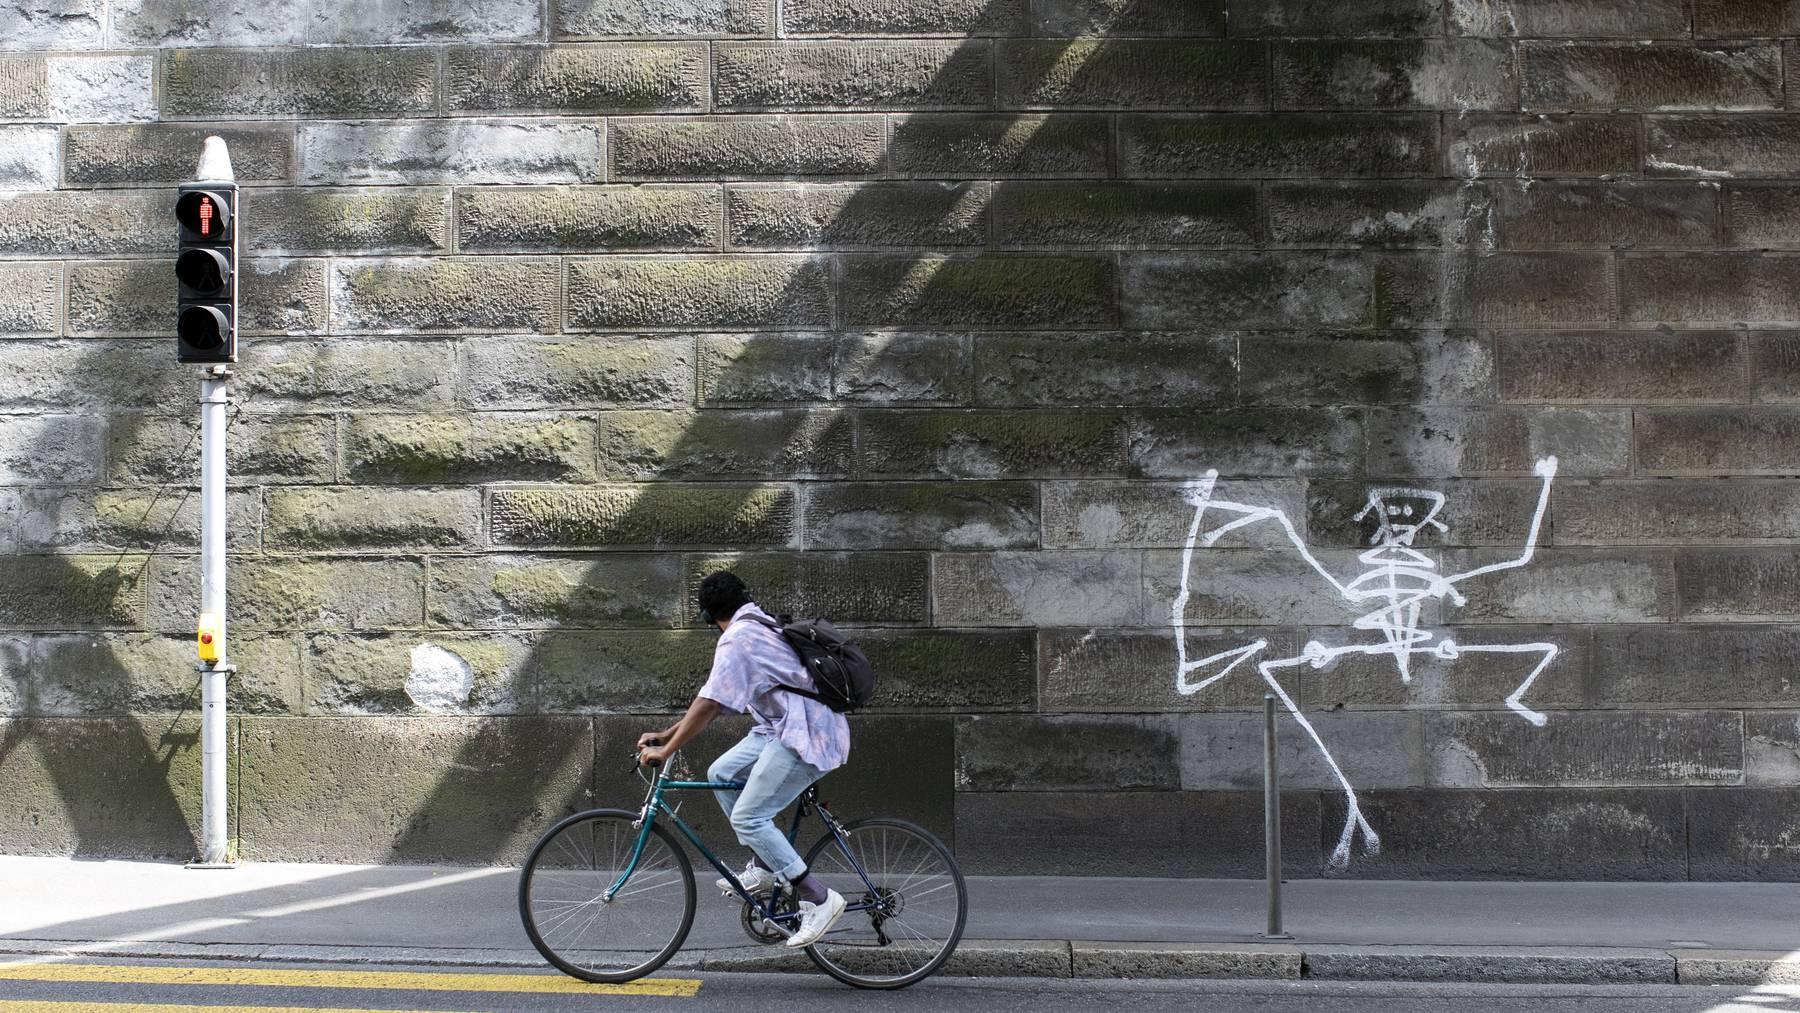 Darf bestehen bleiben: eine von sechs verbliebenen Sensenmann-Graffitis in Zürich, die höchstwahrscheinlich das Werk von Harald Naegeli sind.